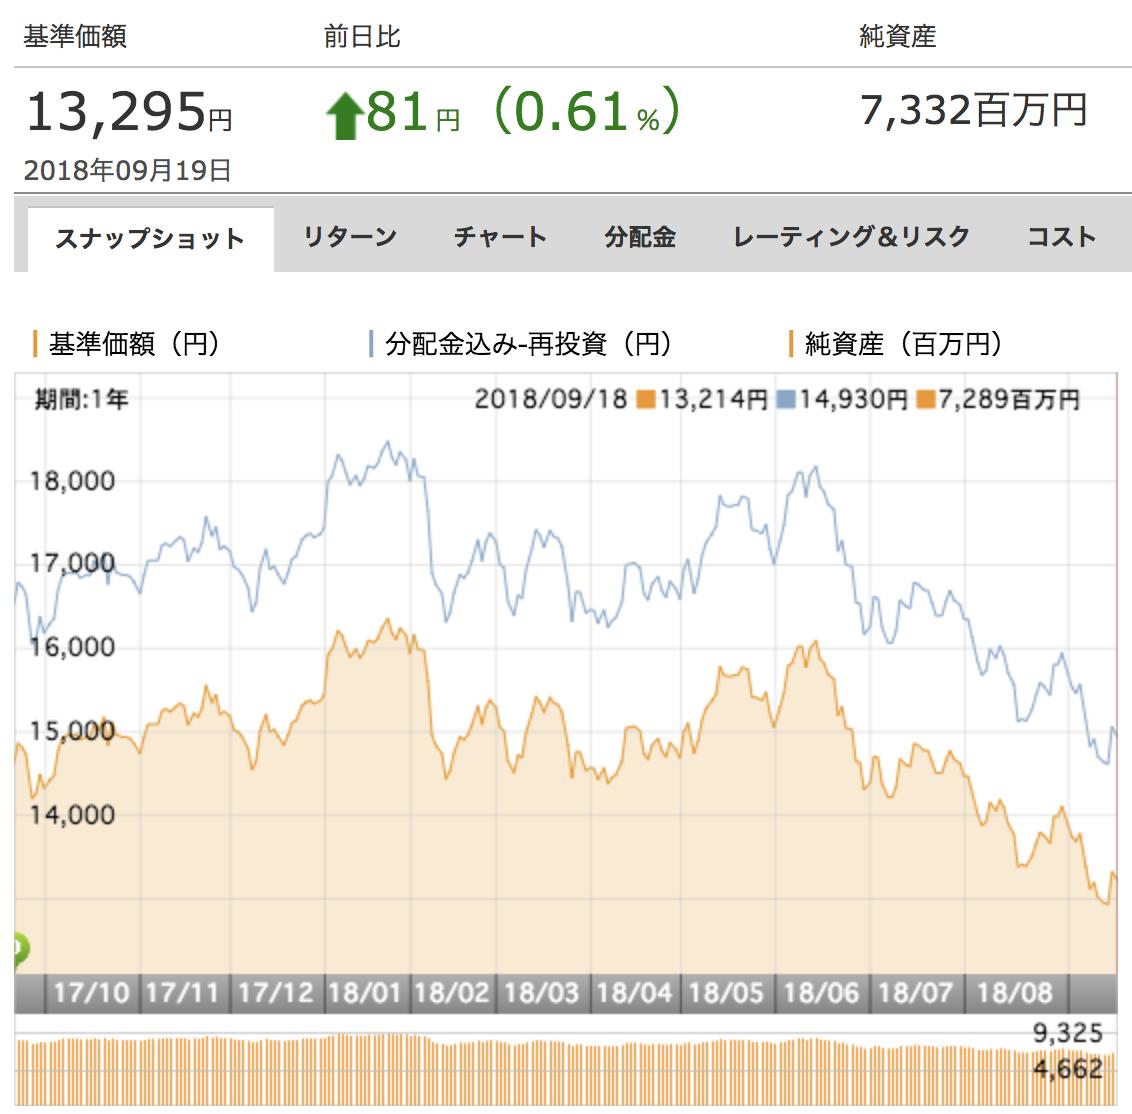 三菱UFJ チャイナオープン基準価額